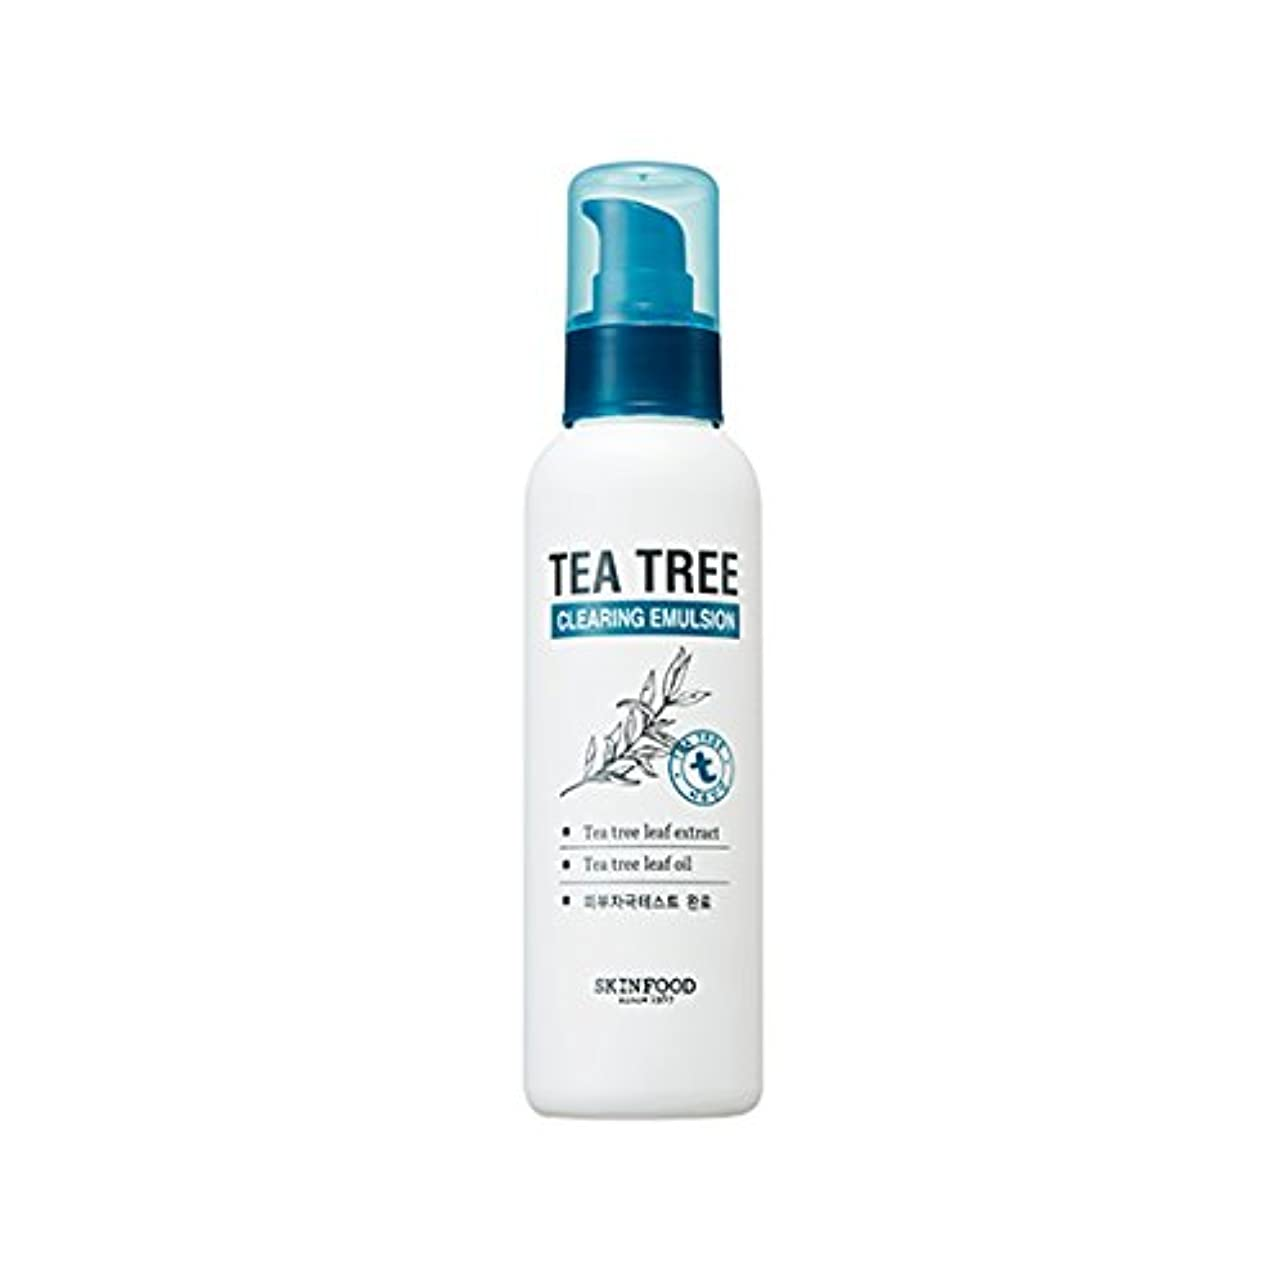 減少ビーチおじさんSKINFOOD Tea Tree Clearing Emulsion 135ml/スキンフード ティーツリー クリアリング エマルジョン 135ml [並行輸入品]